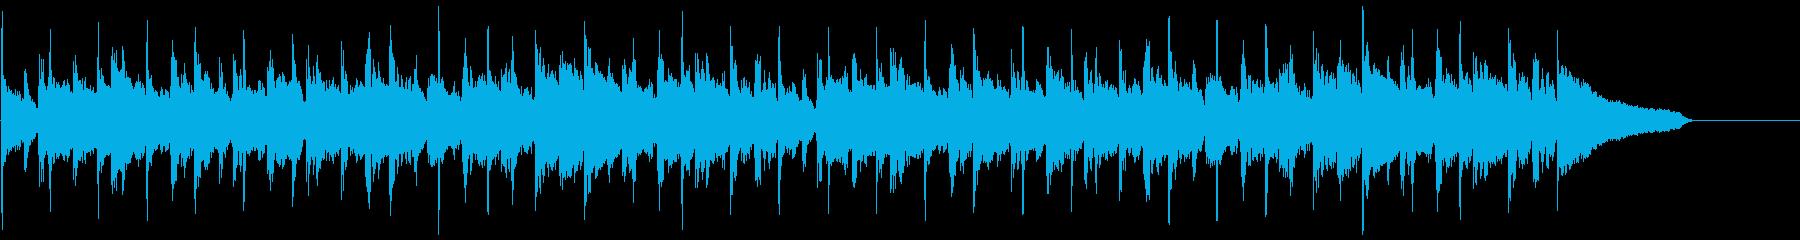 動画広告 30秒 ベル ギターA 楽しいの再生済みの波形